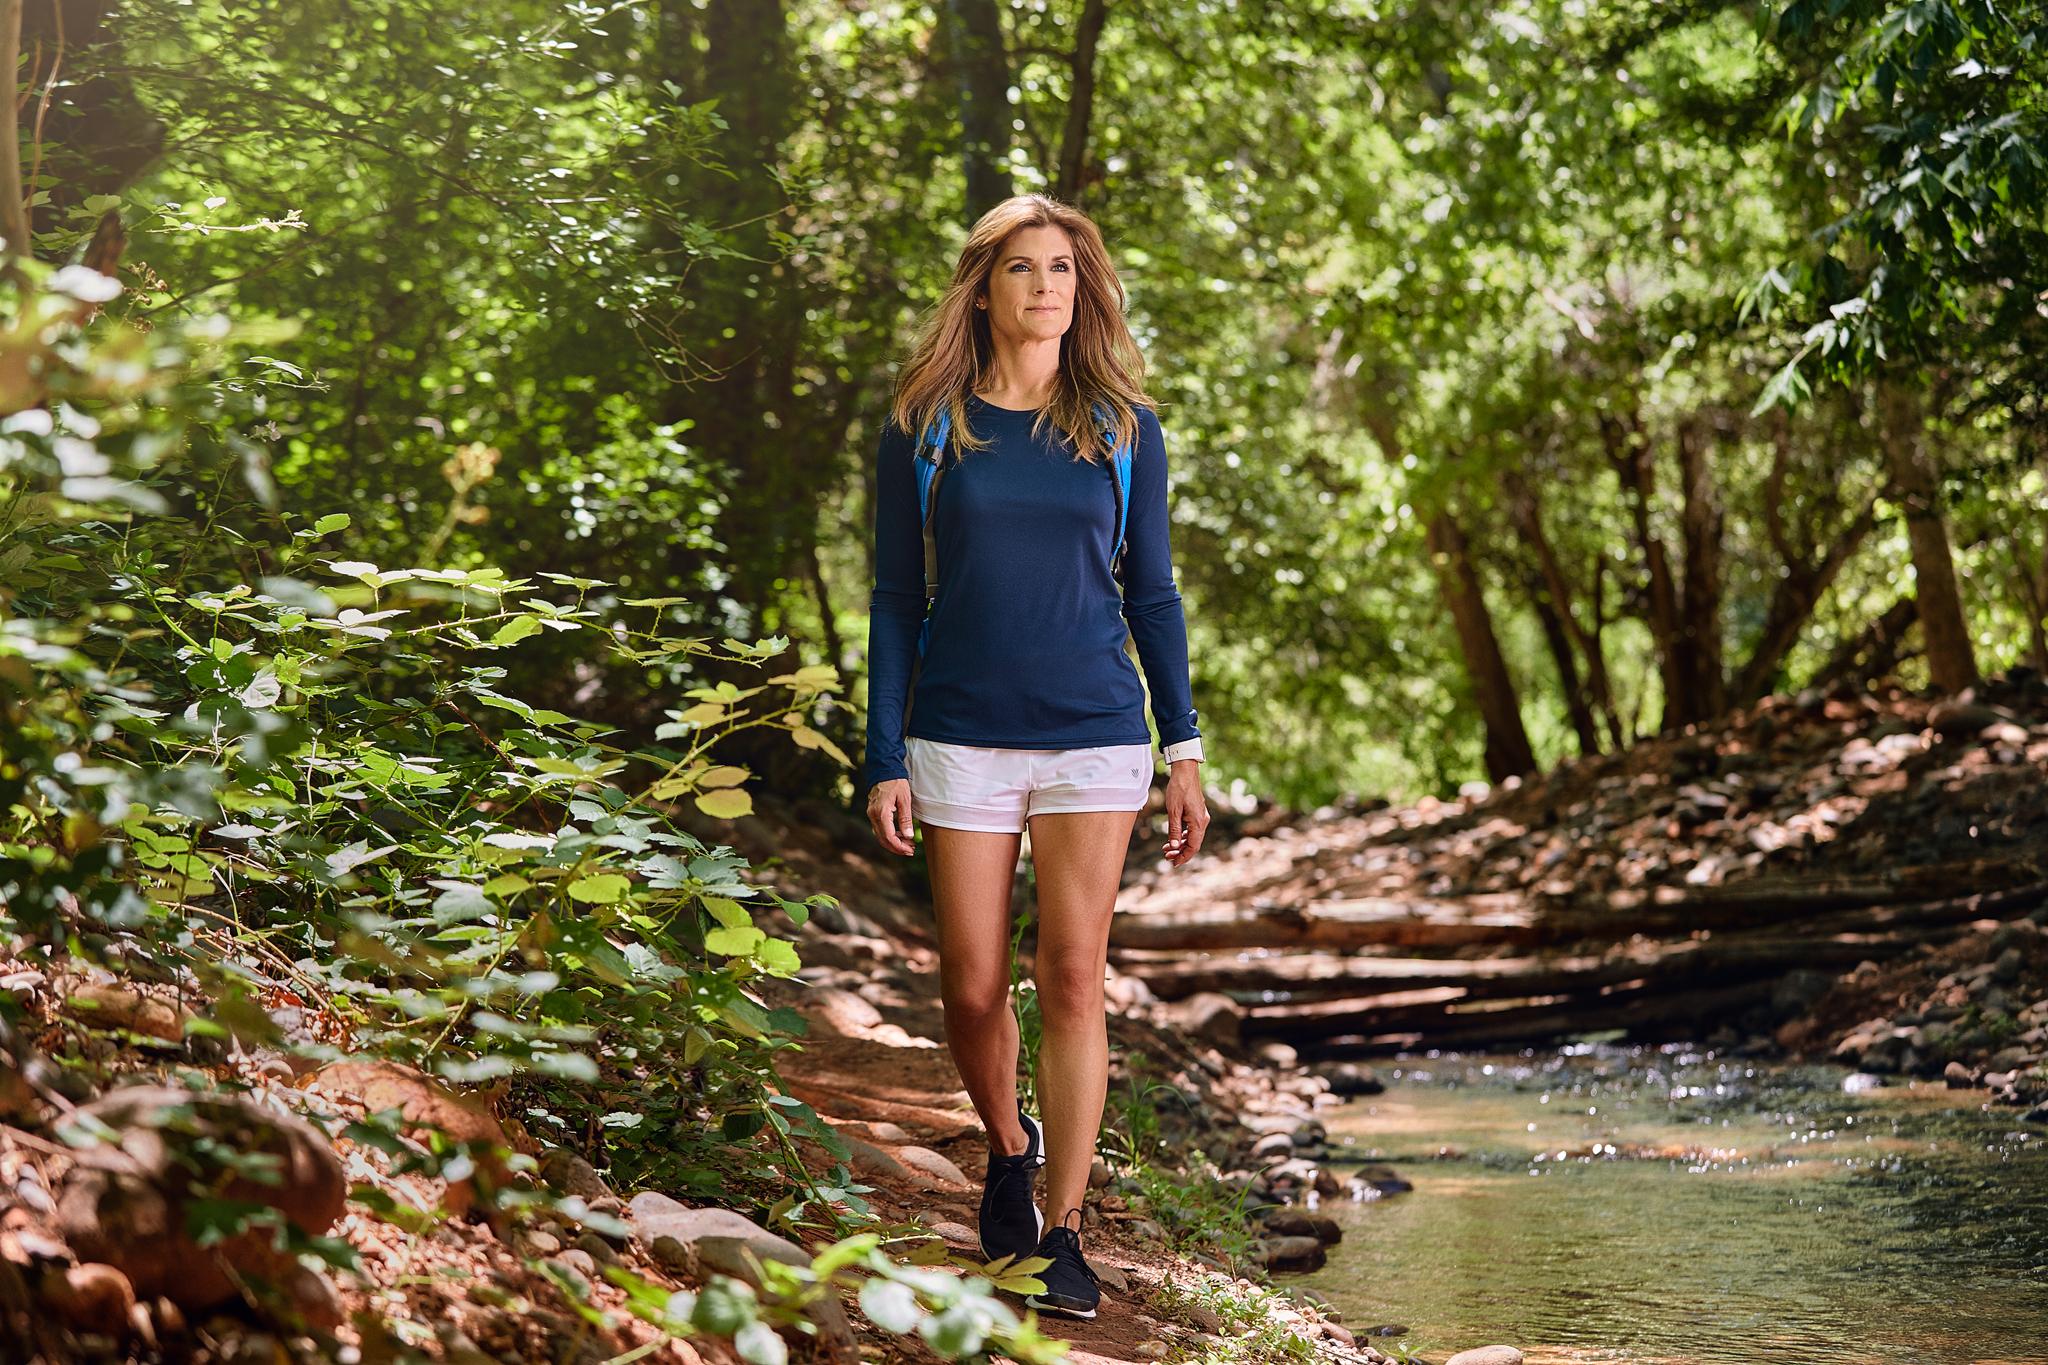 Phoenix Commercial Portrait Photographer - Outdoor Lifestyle Model